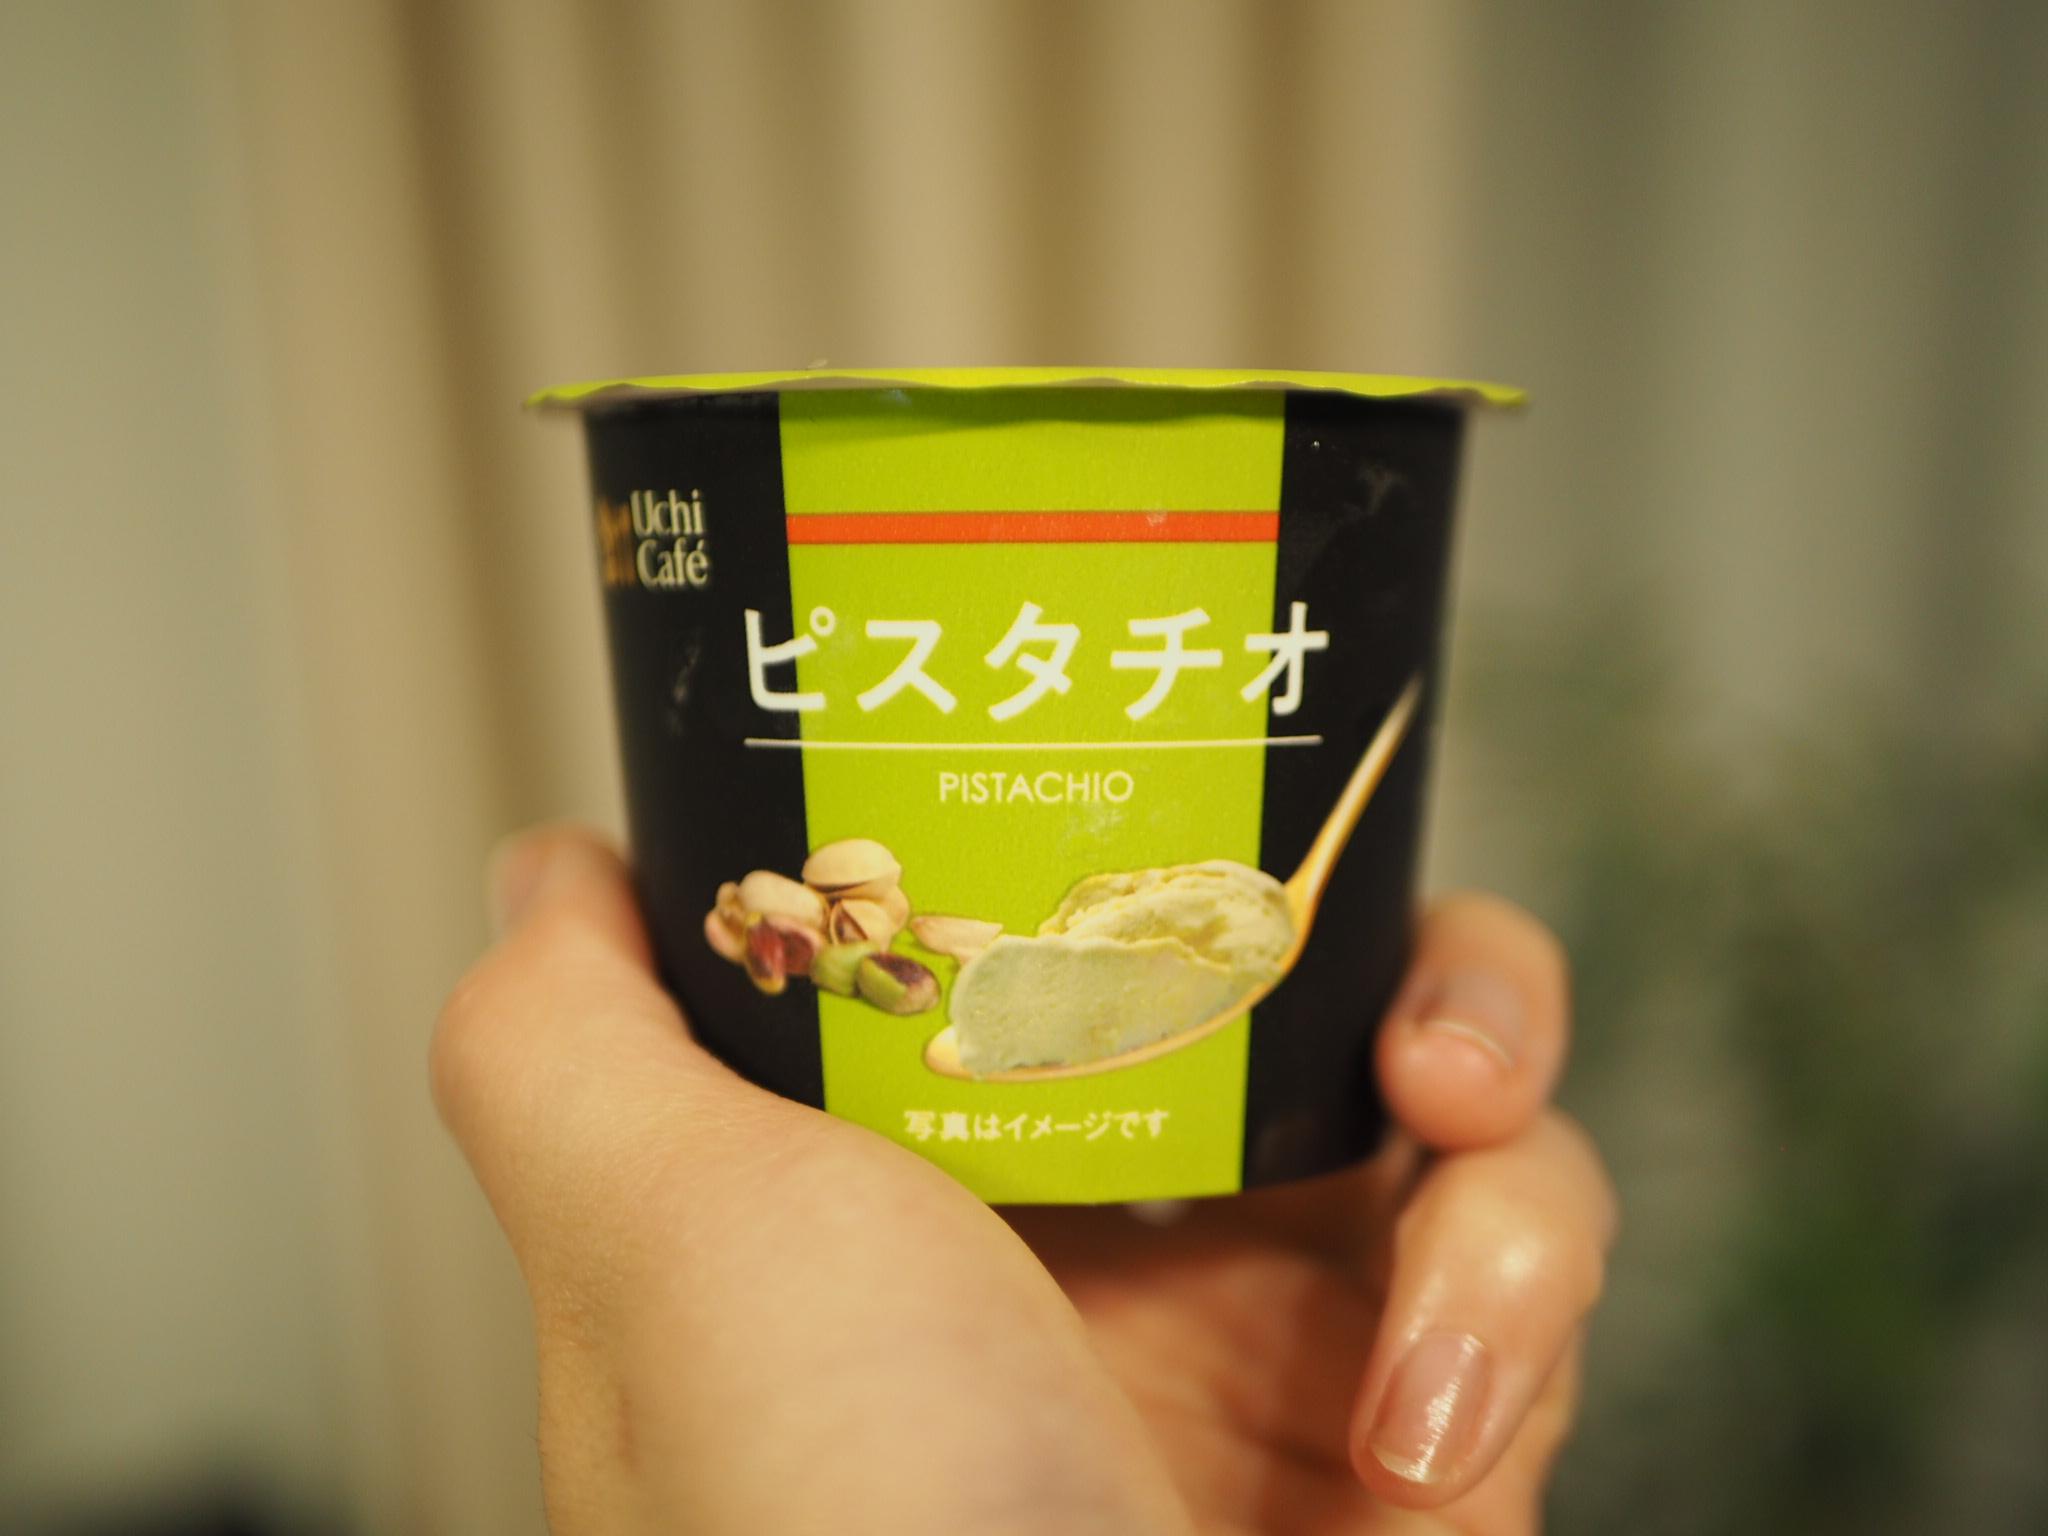 【ローソン新作】人気急上昇中の《ピスタチオアイス》が続々登場!♡_7